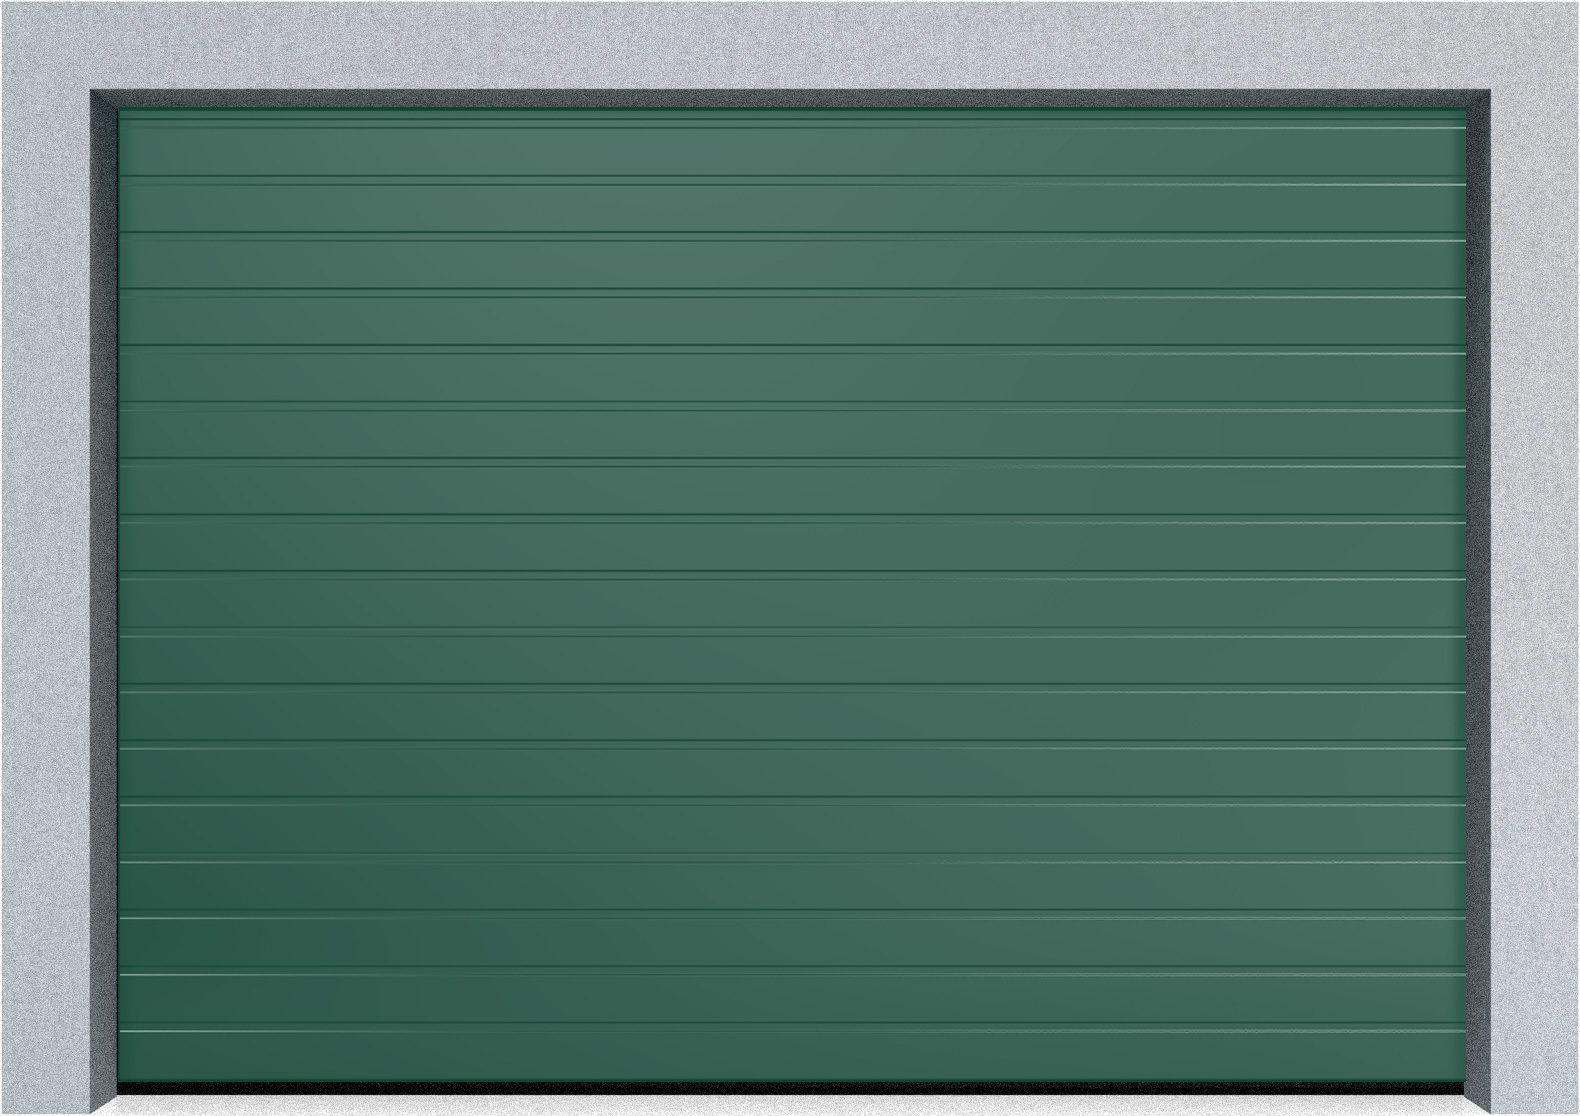 Секционные промышленные ворота Alutech ProTrend 3375х2000 S-гофр, Микроволна стандартные цвета, фото 7